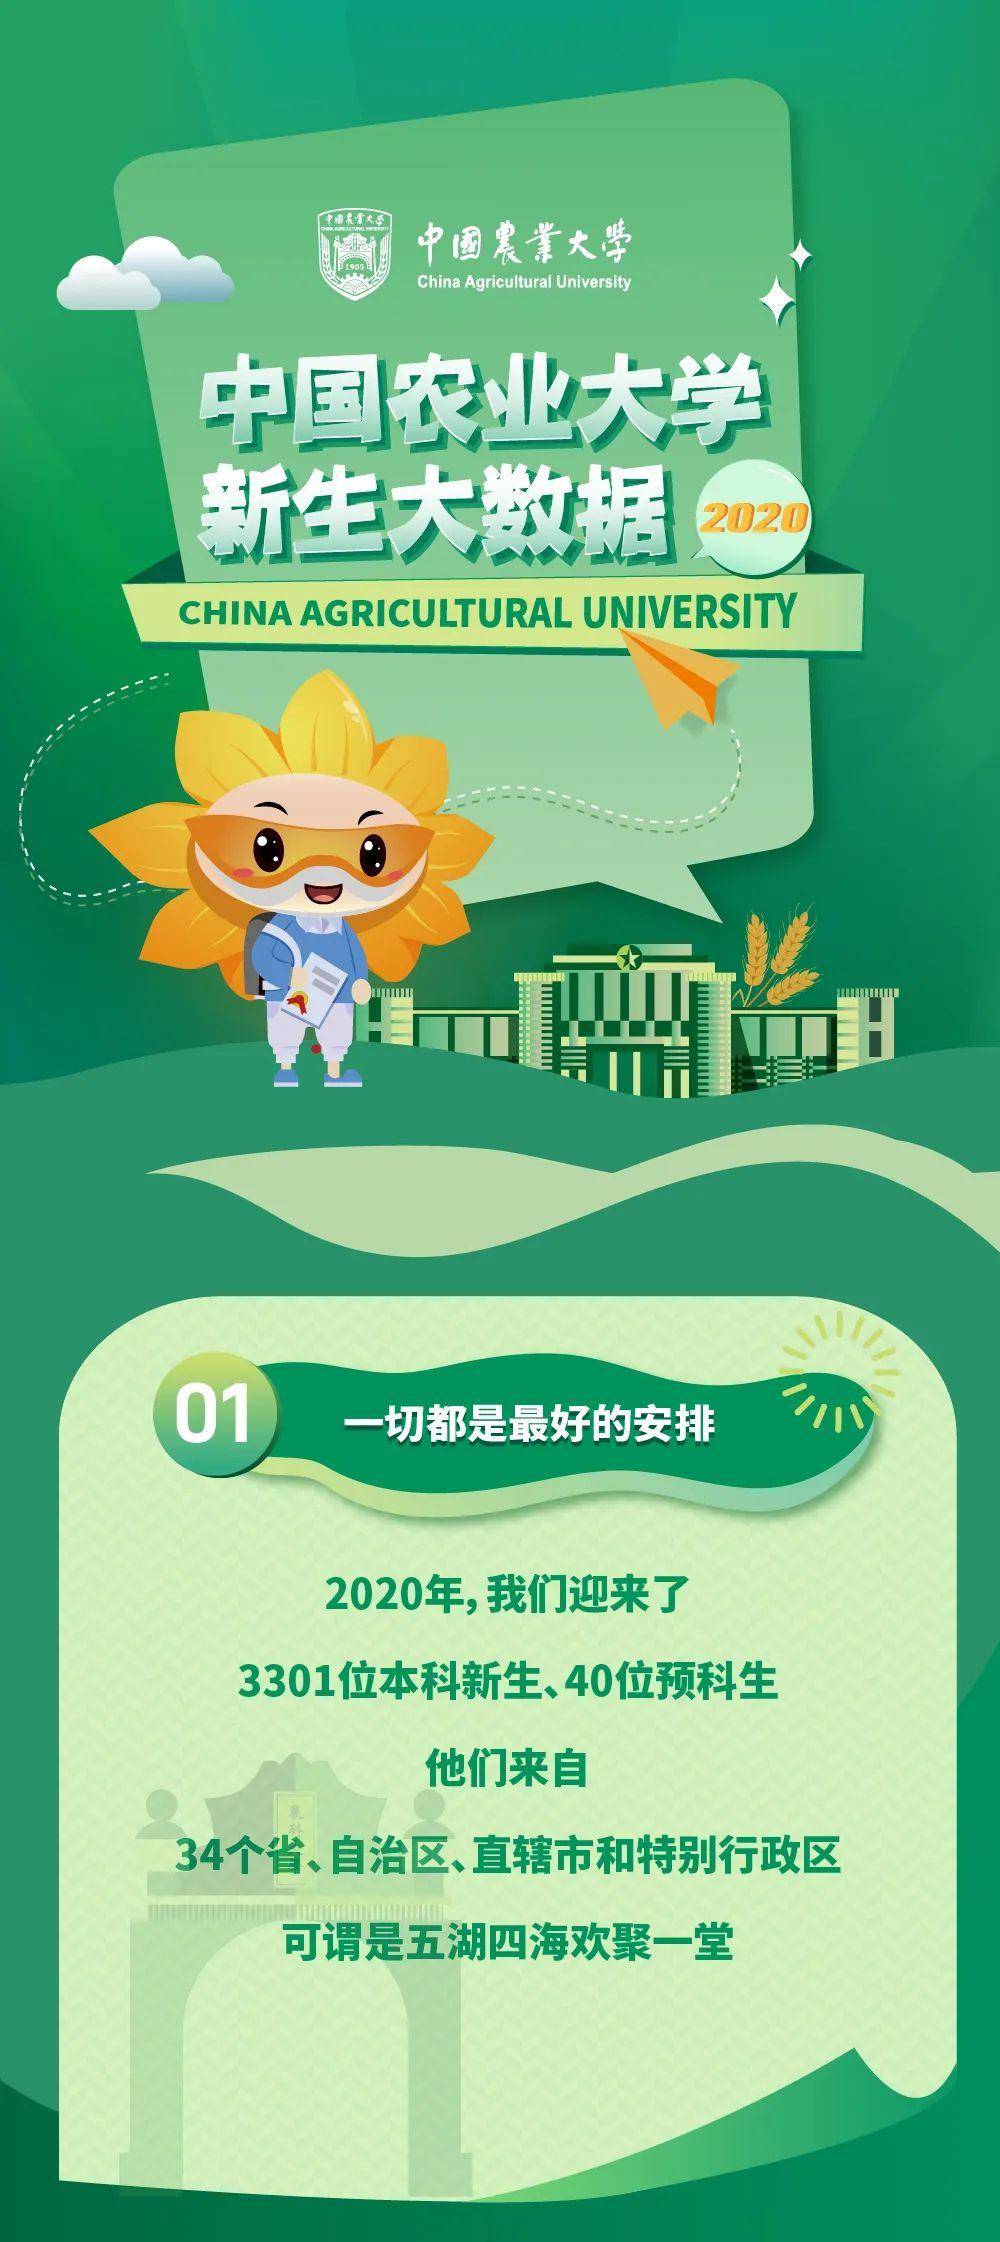 中国农业大学2020级萌新数据大揭秘!图片